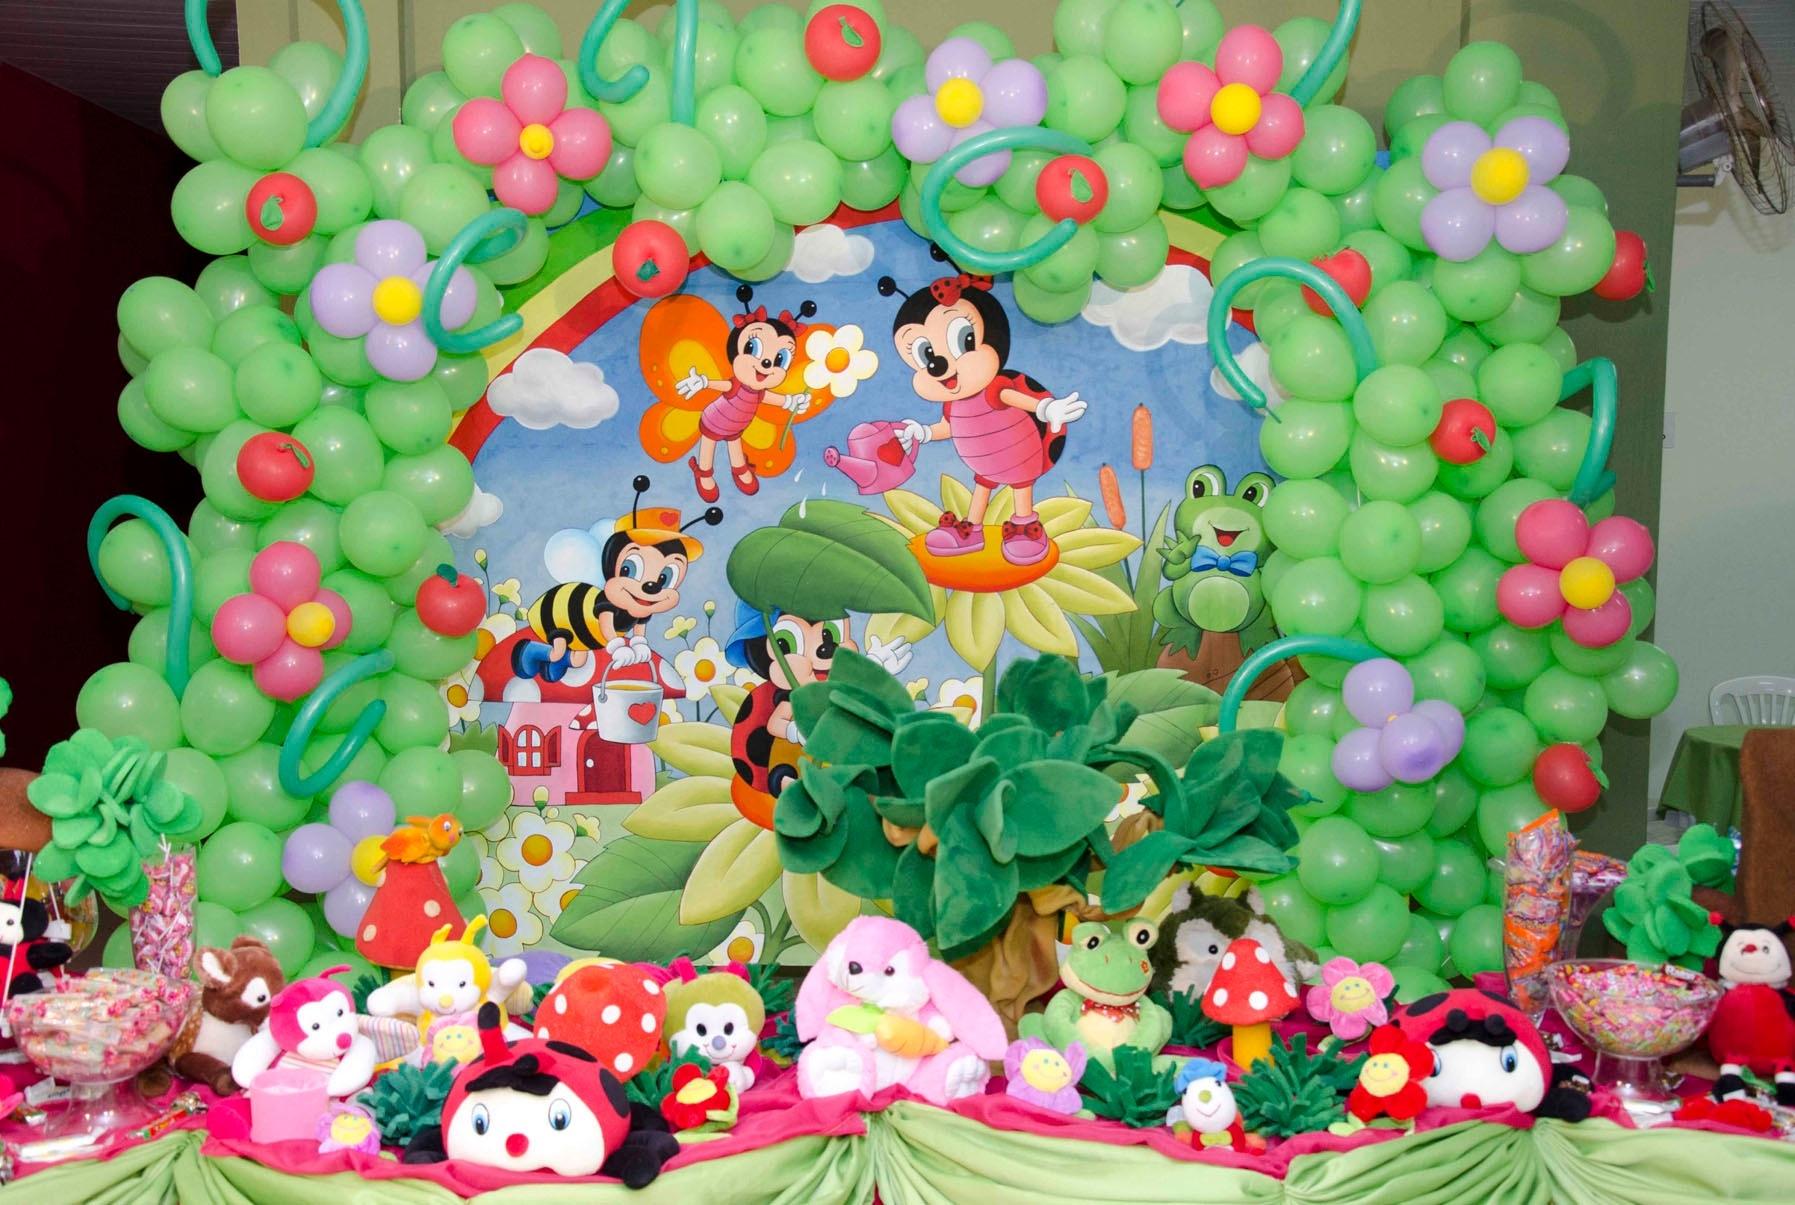 mesa de festa infantil jardim encantado : mesa de festa infantil jardim encantado:Jardim encantado